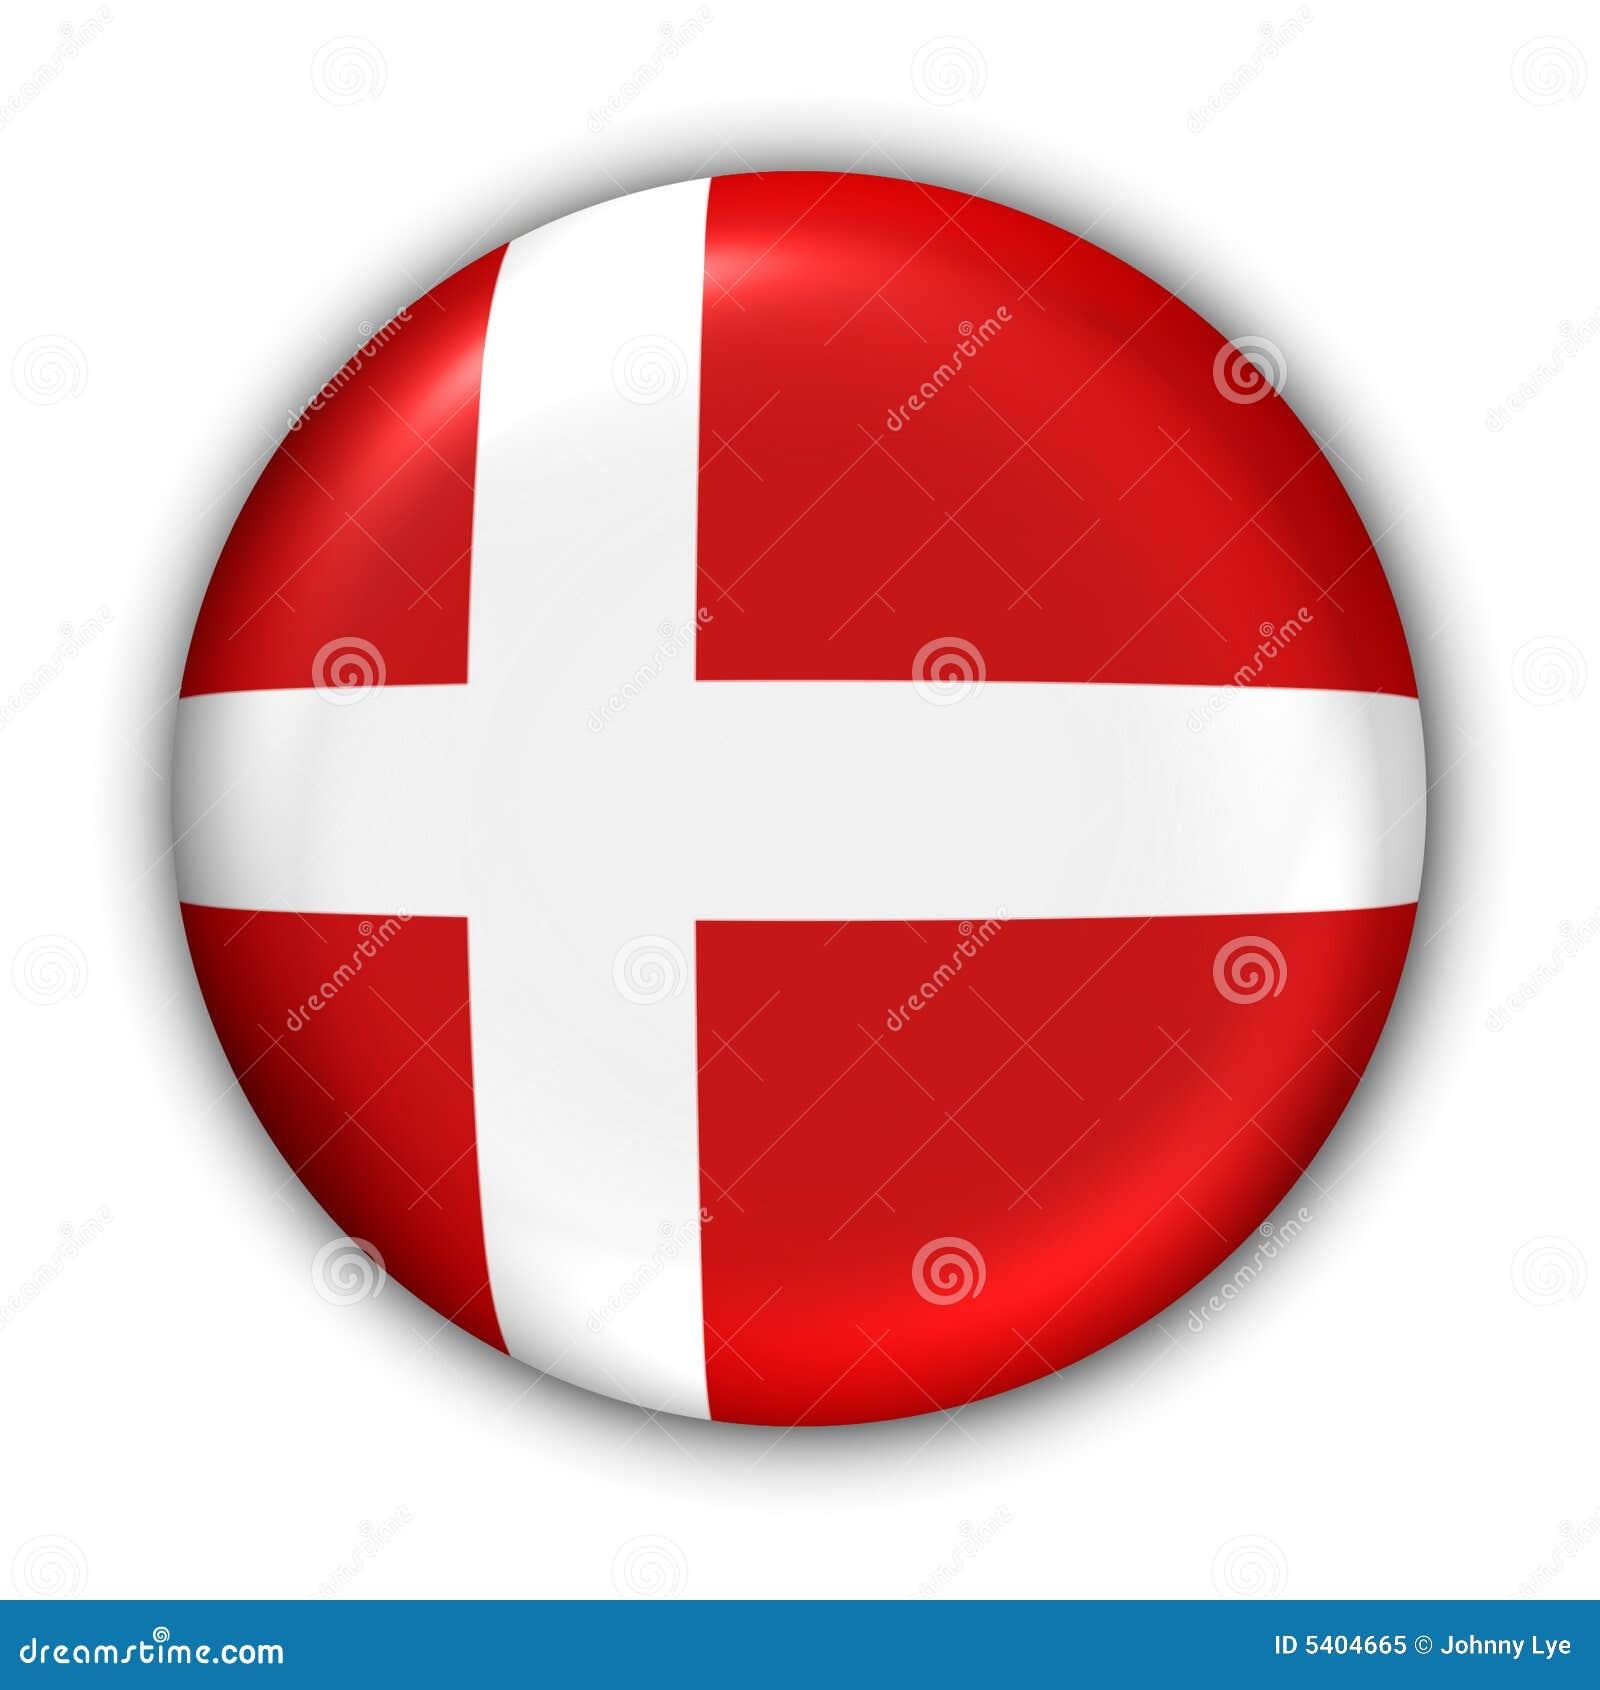 Denmark flagę